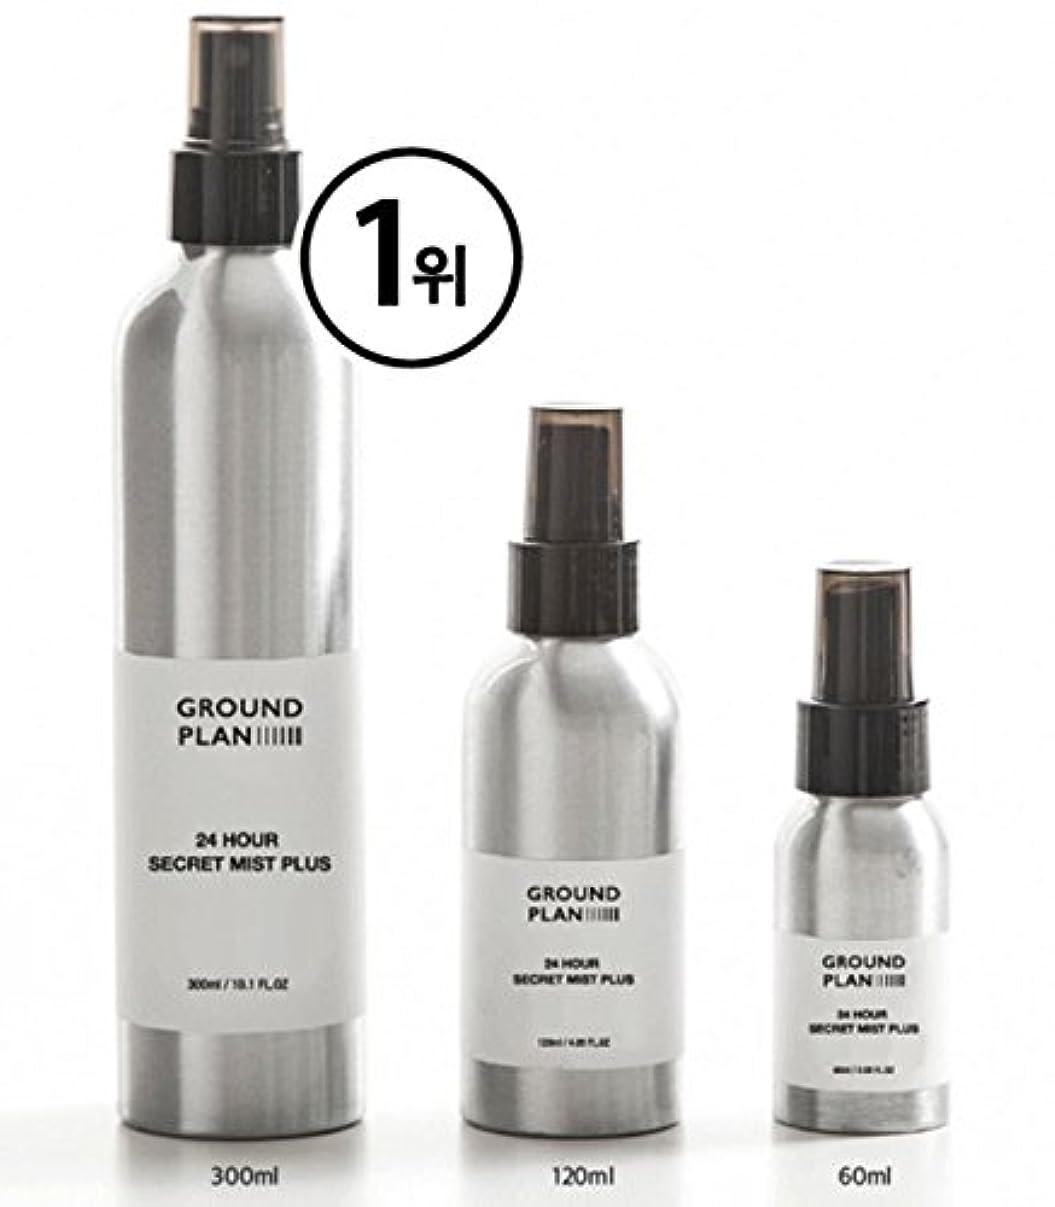 シーサイド性格文房具[グラウンド?プラン] 24Hour 秘密 スキンミスト Plus (120ml) (300ml) Ground plan 24 Hour Secret Skin Mist Plus [海外直送品] (120ml)